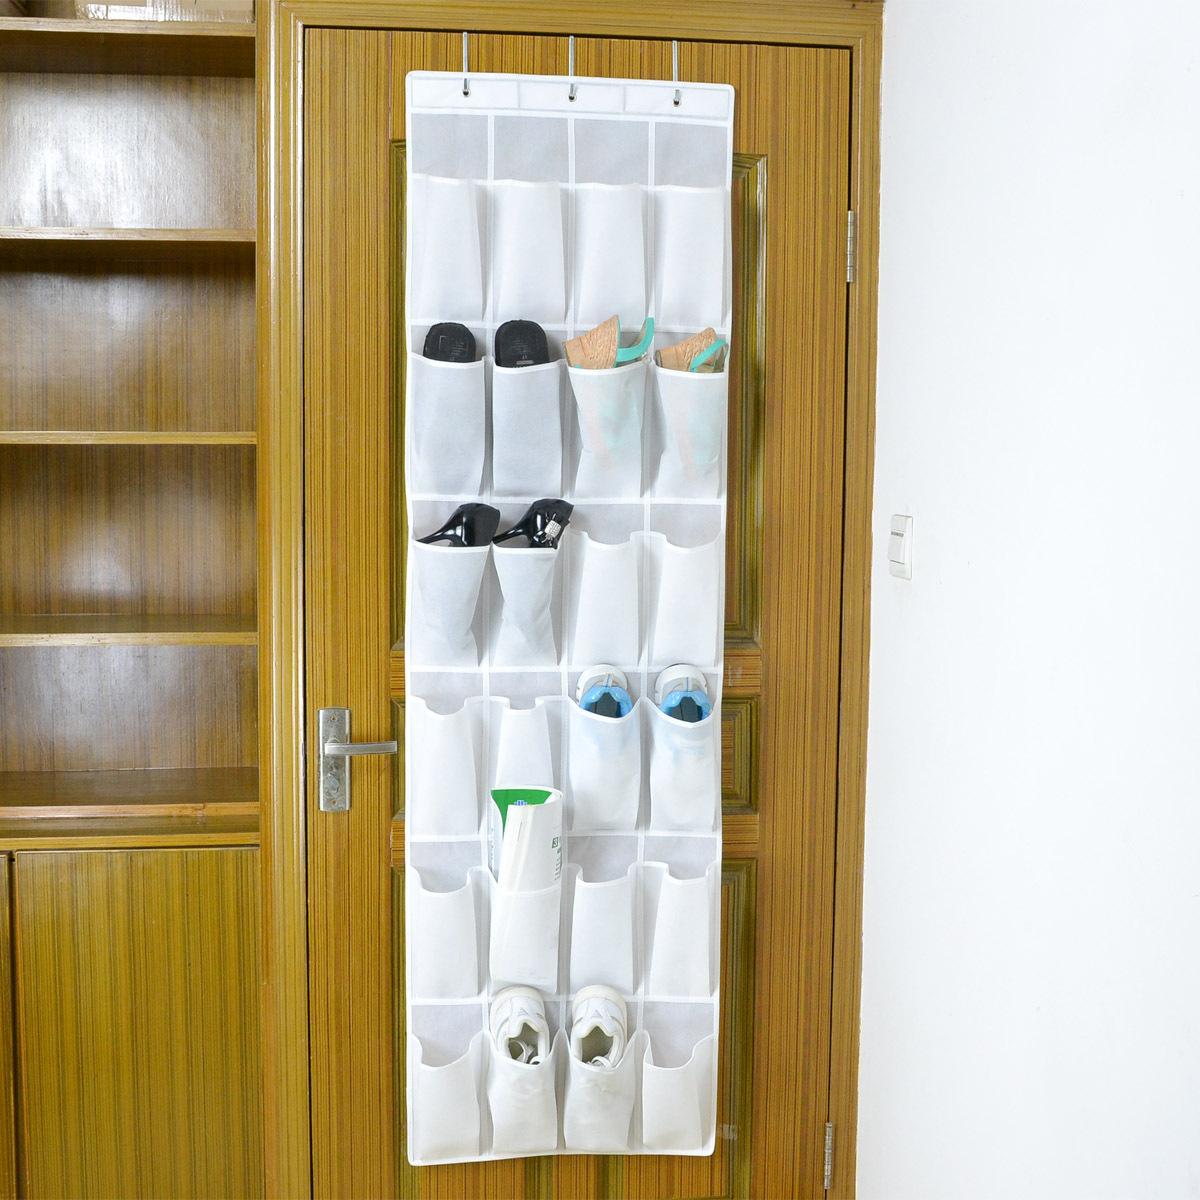 24格无纺布大容量门后鞋子收纳挂袋门窗悬挂式家居  收纳整理挂袋